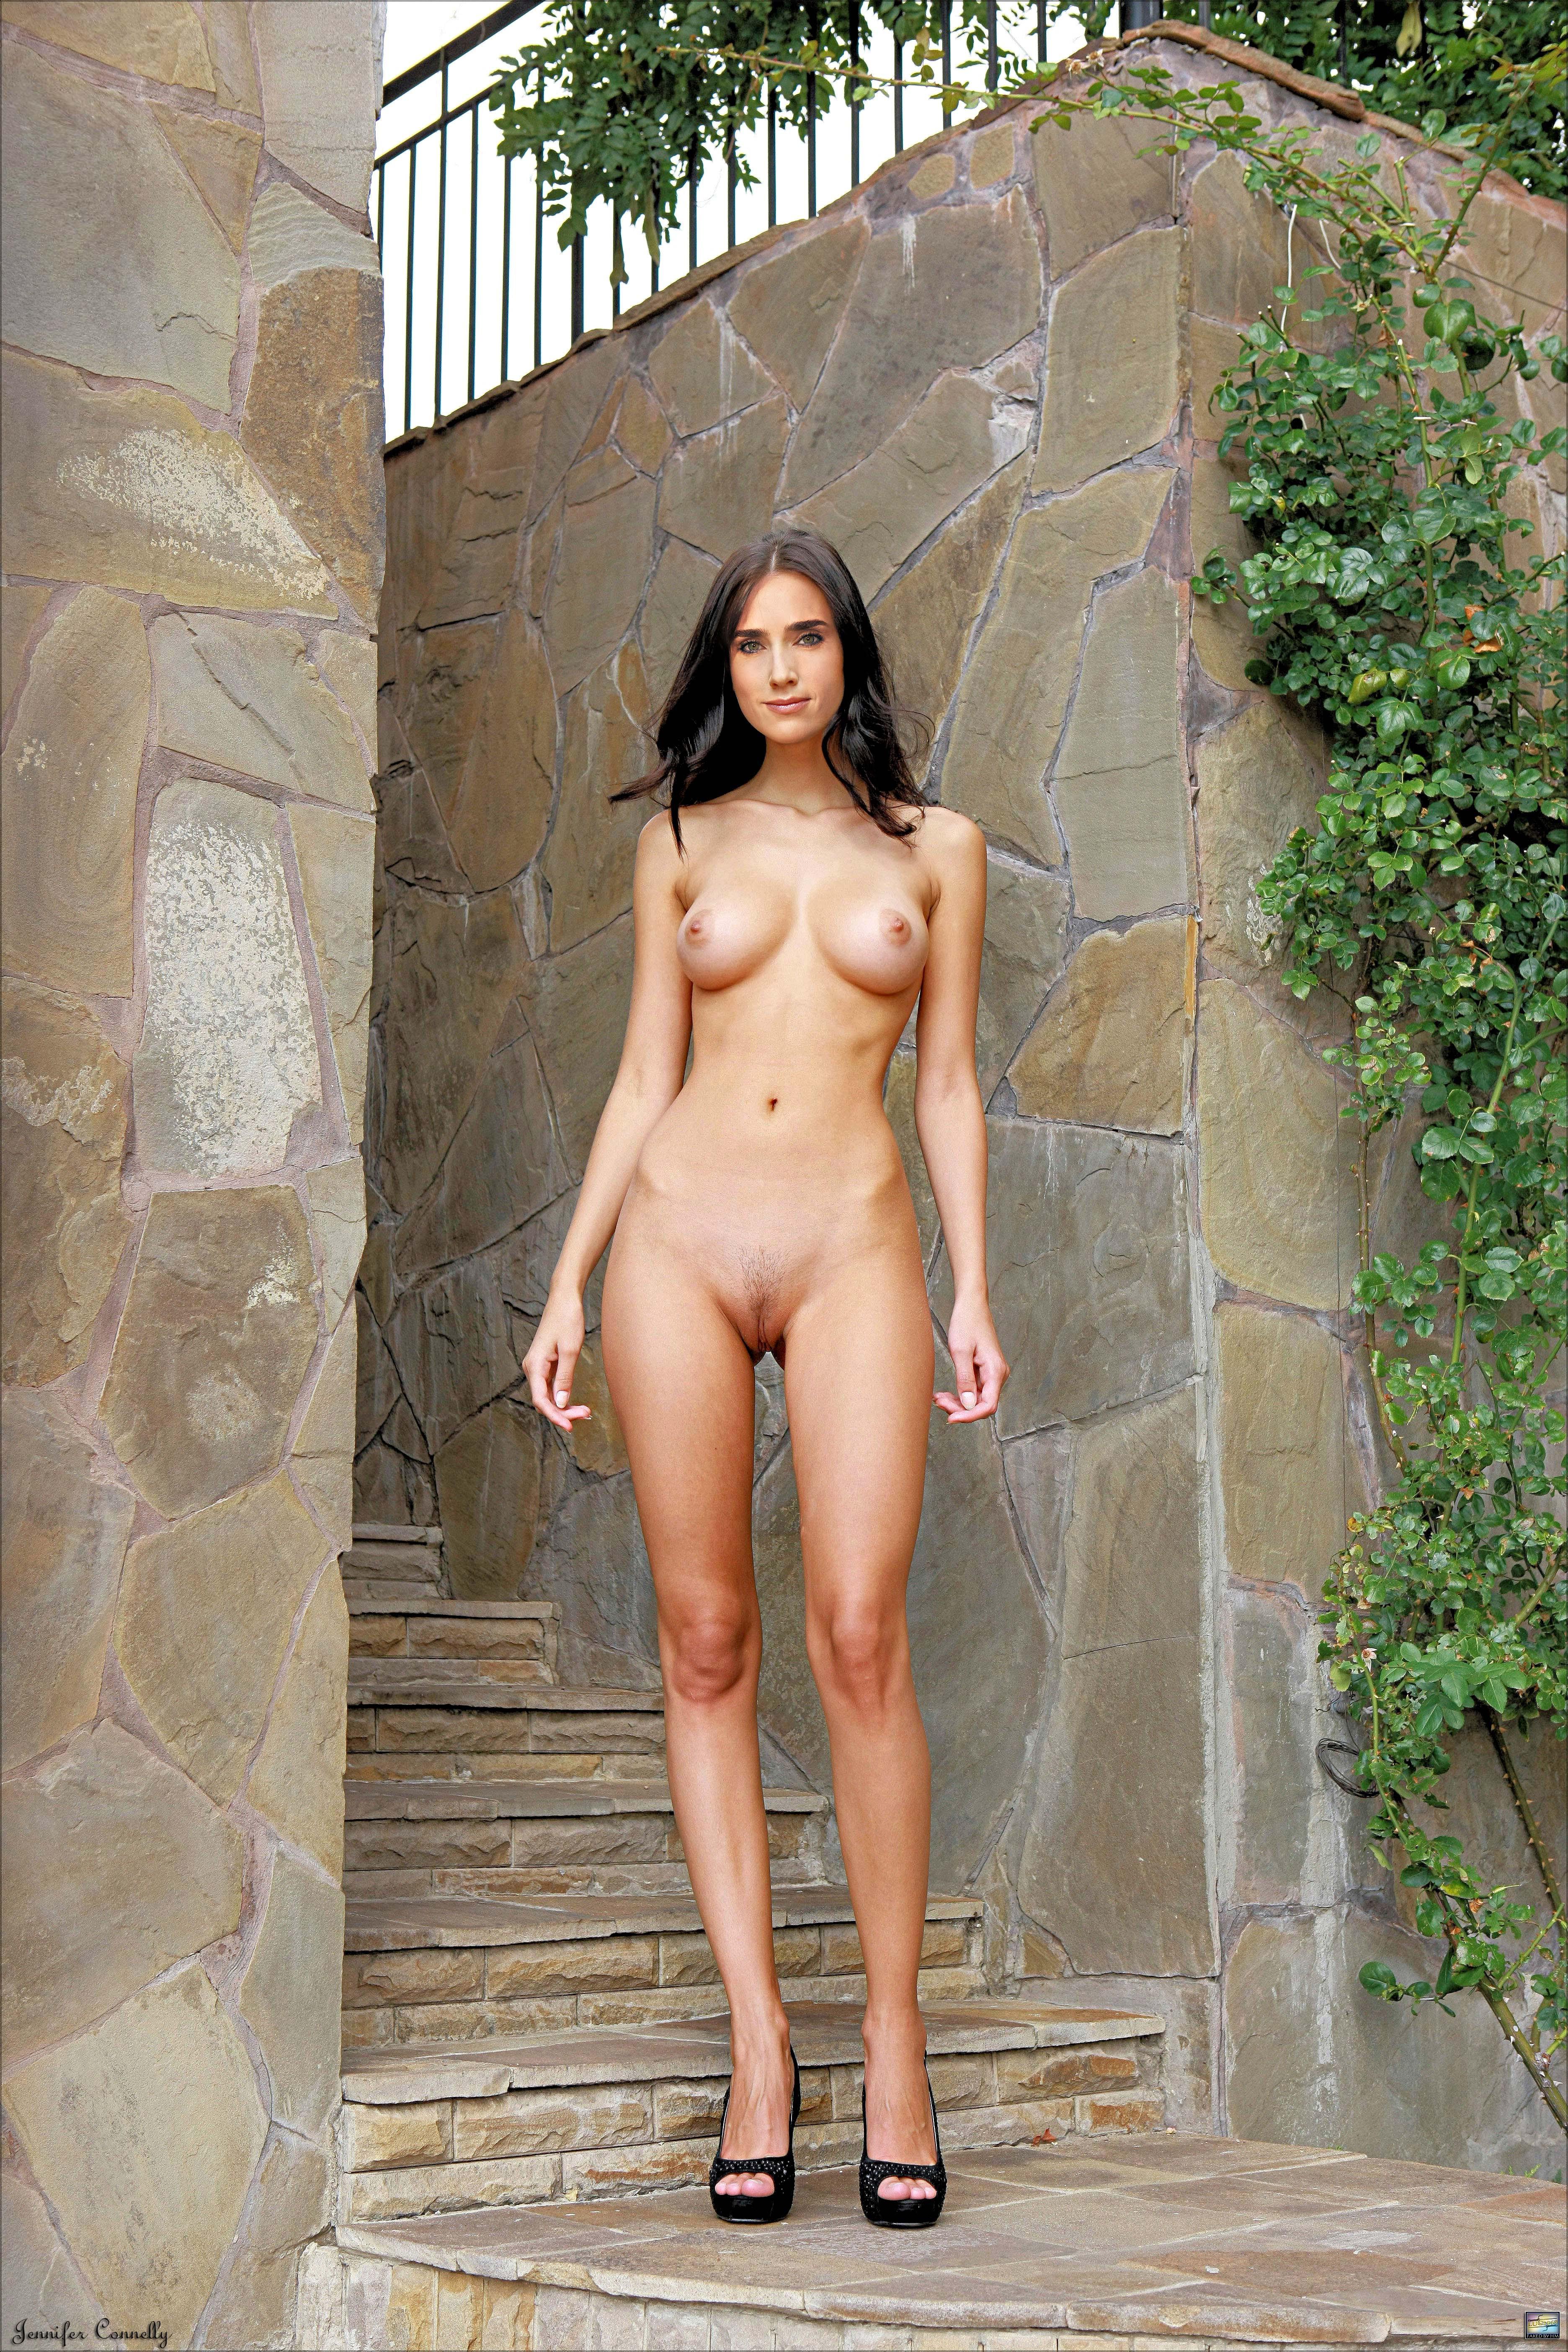 shaved-door-handeltures-woman-is-sexy